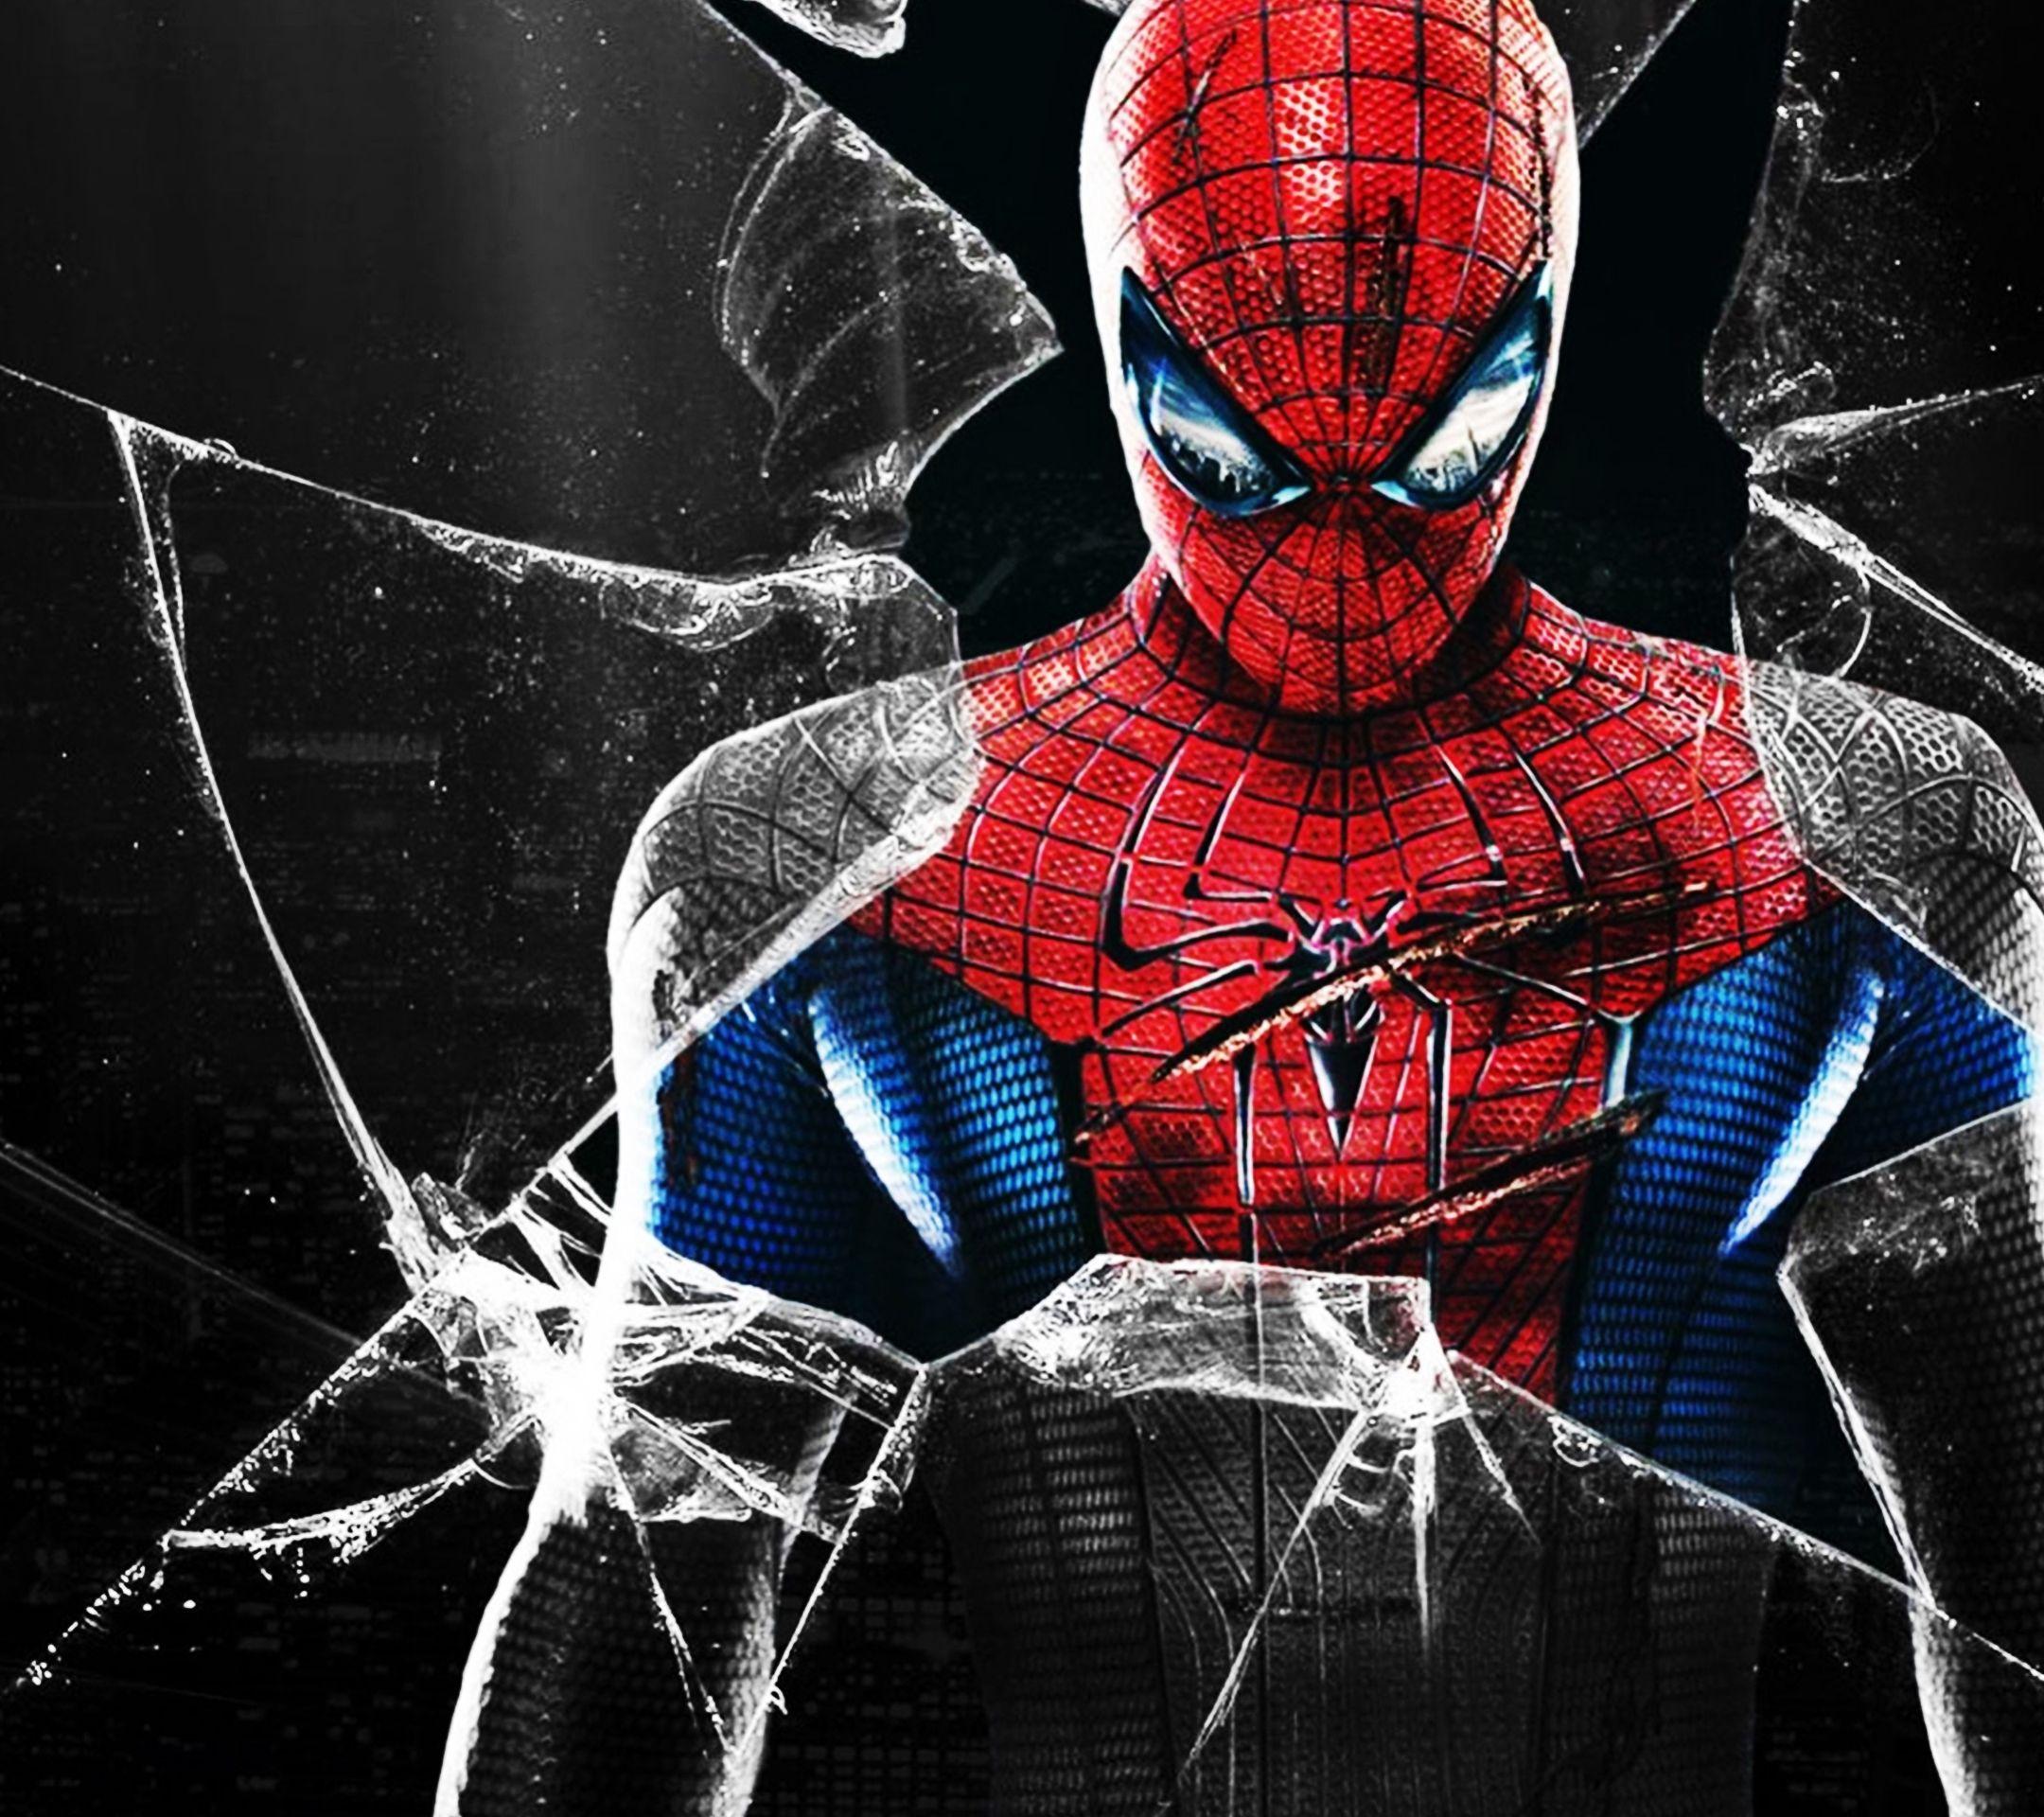 download spiderman 2160 x 1920 wallpapers - spiderman broken glass